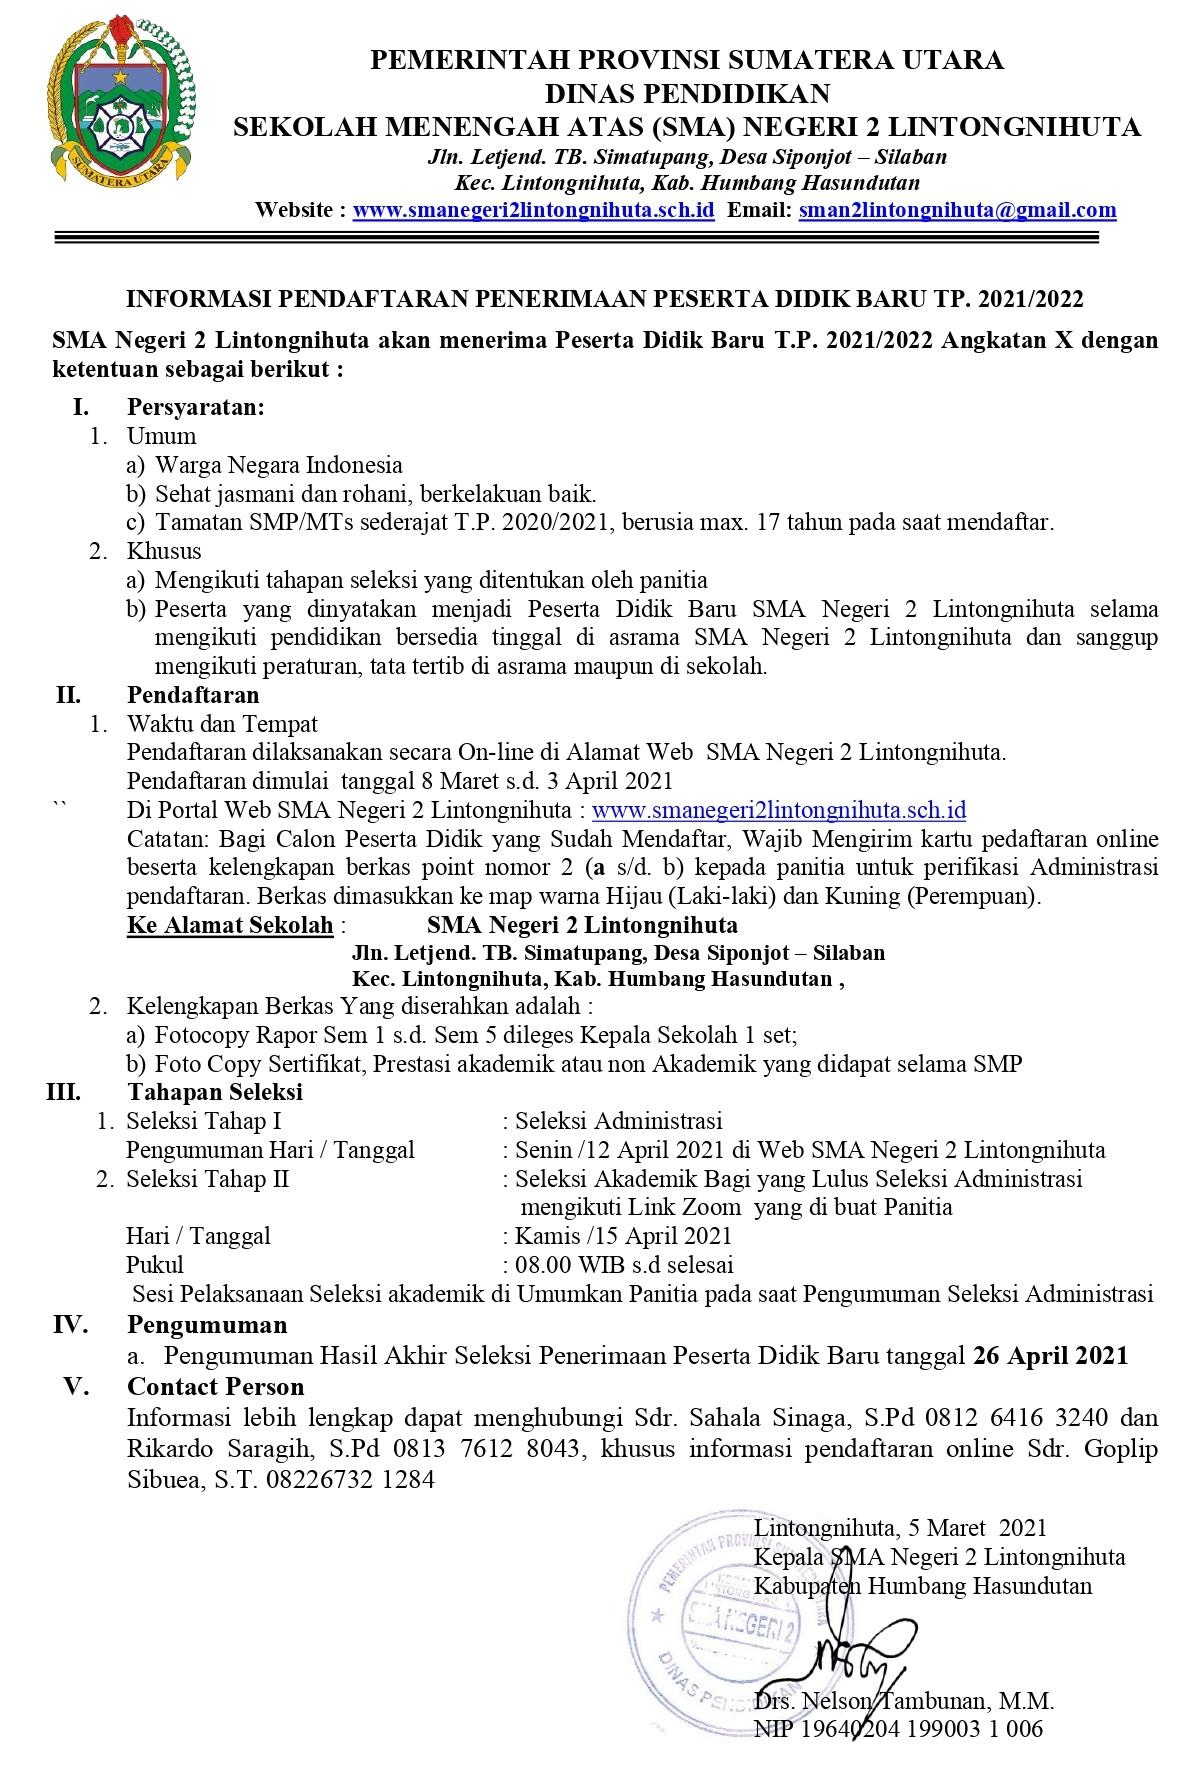 Pendaftaran Peserta Didik Baru SMA Negeri 2 Lintongnihuta TP. 2021/2022 (*Angkatan X)